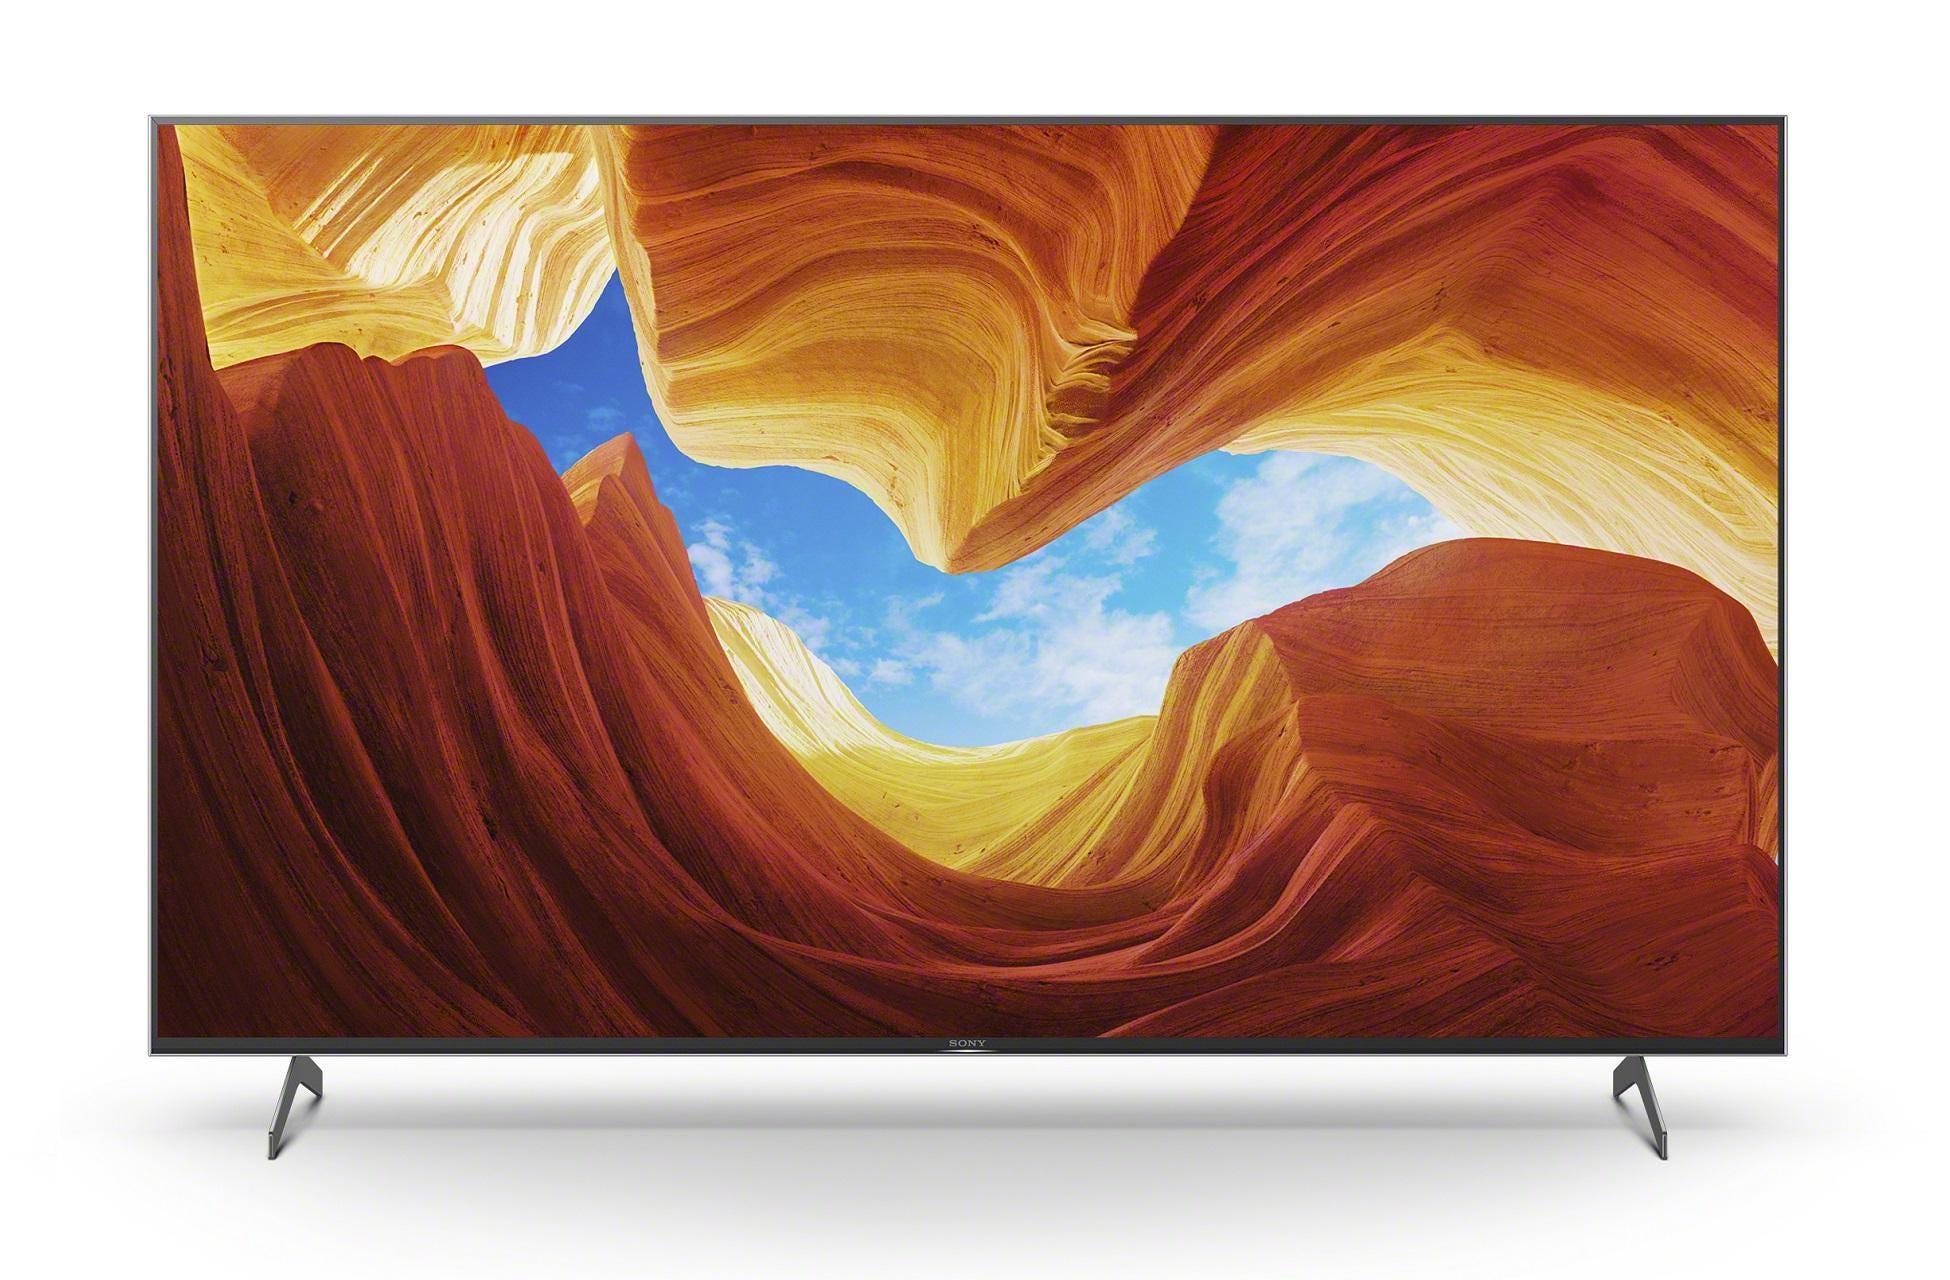 Sony BRAVIA KD-55XH9005BU Full-Array LED TV